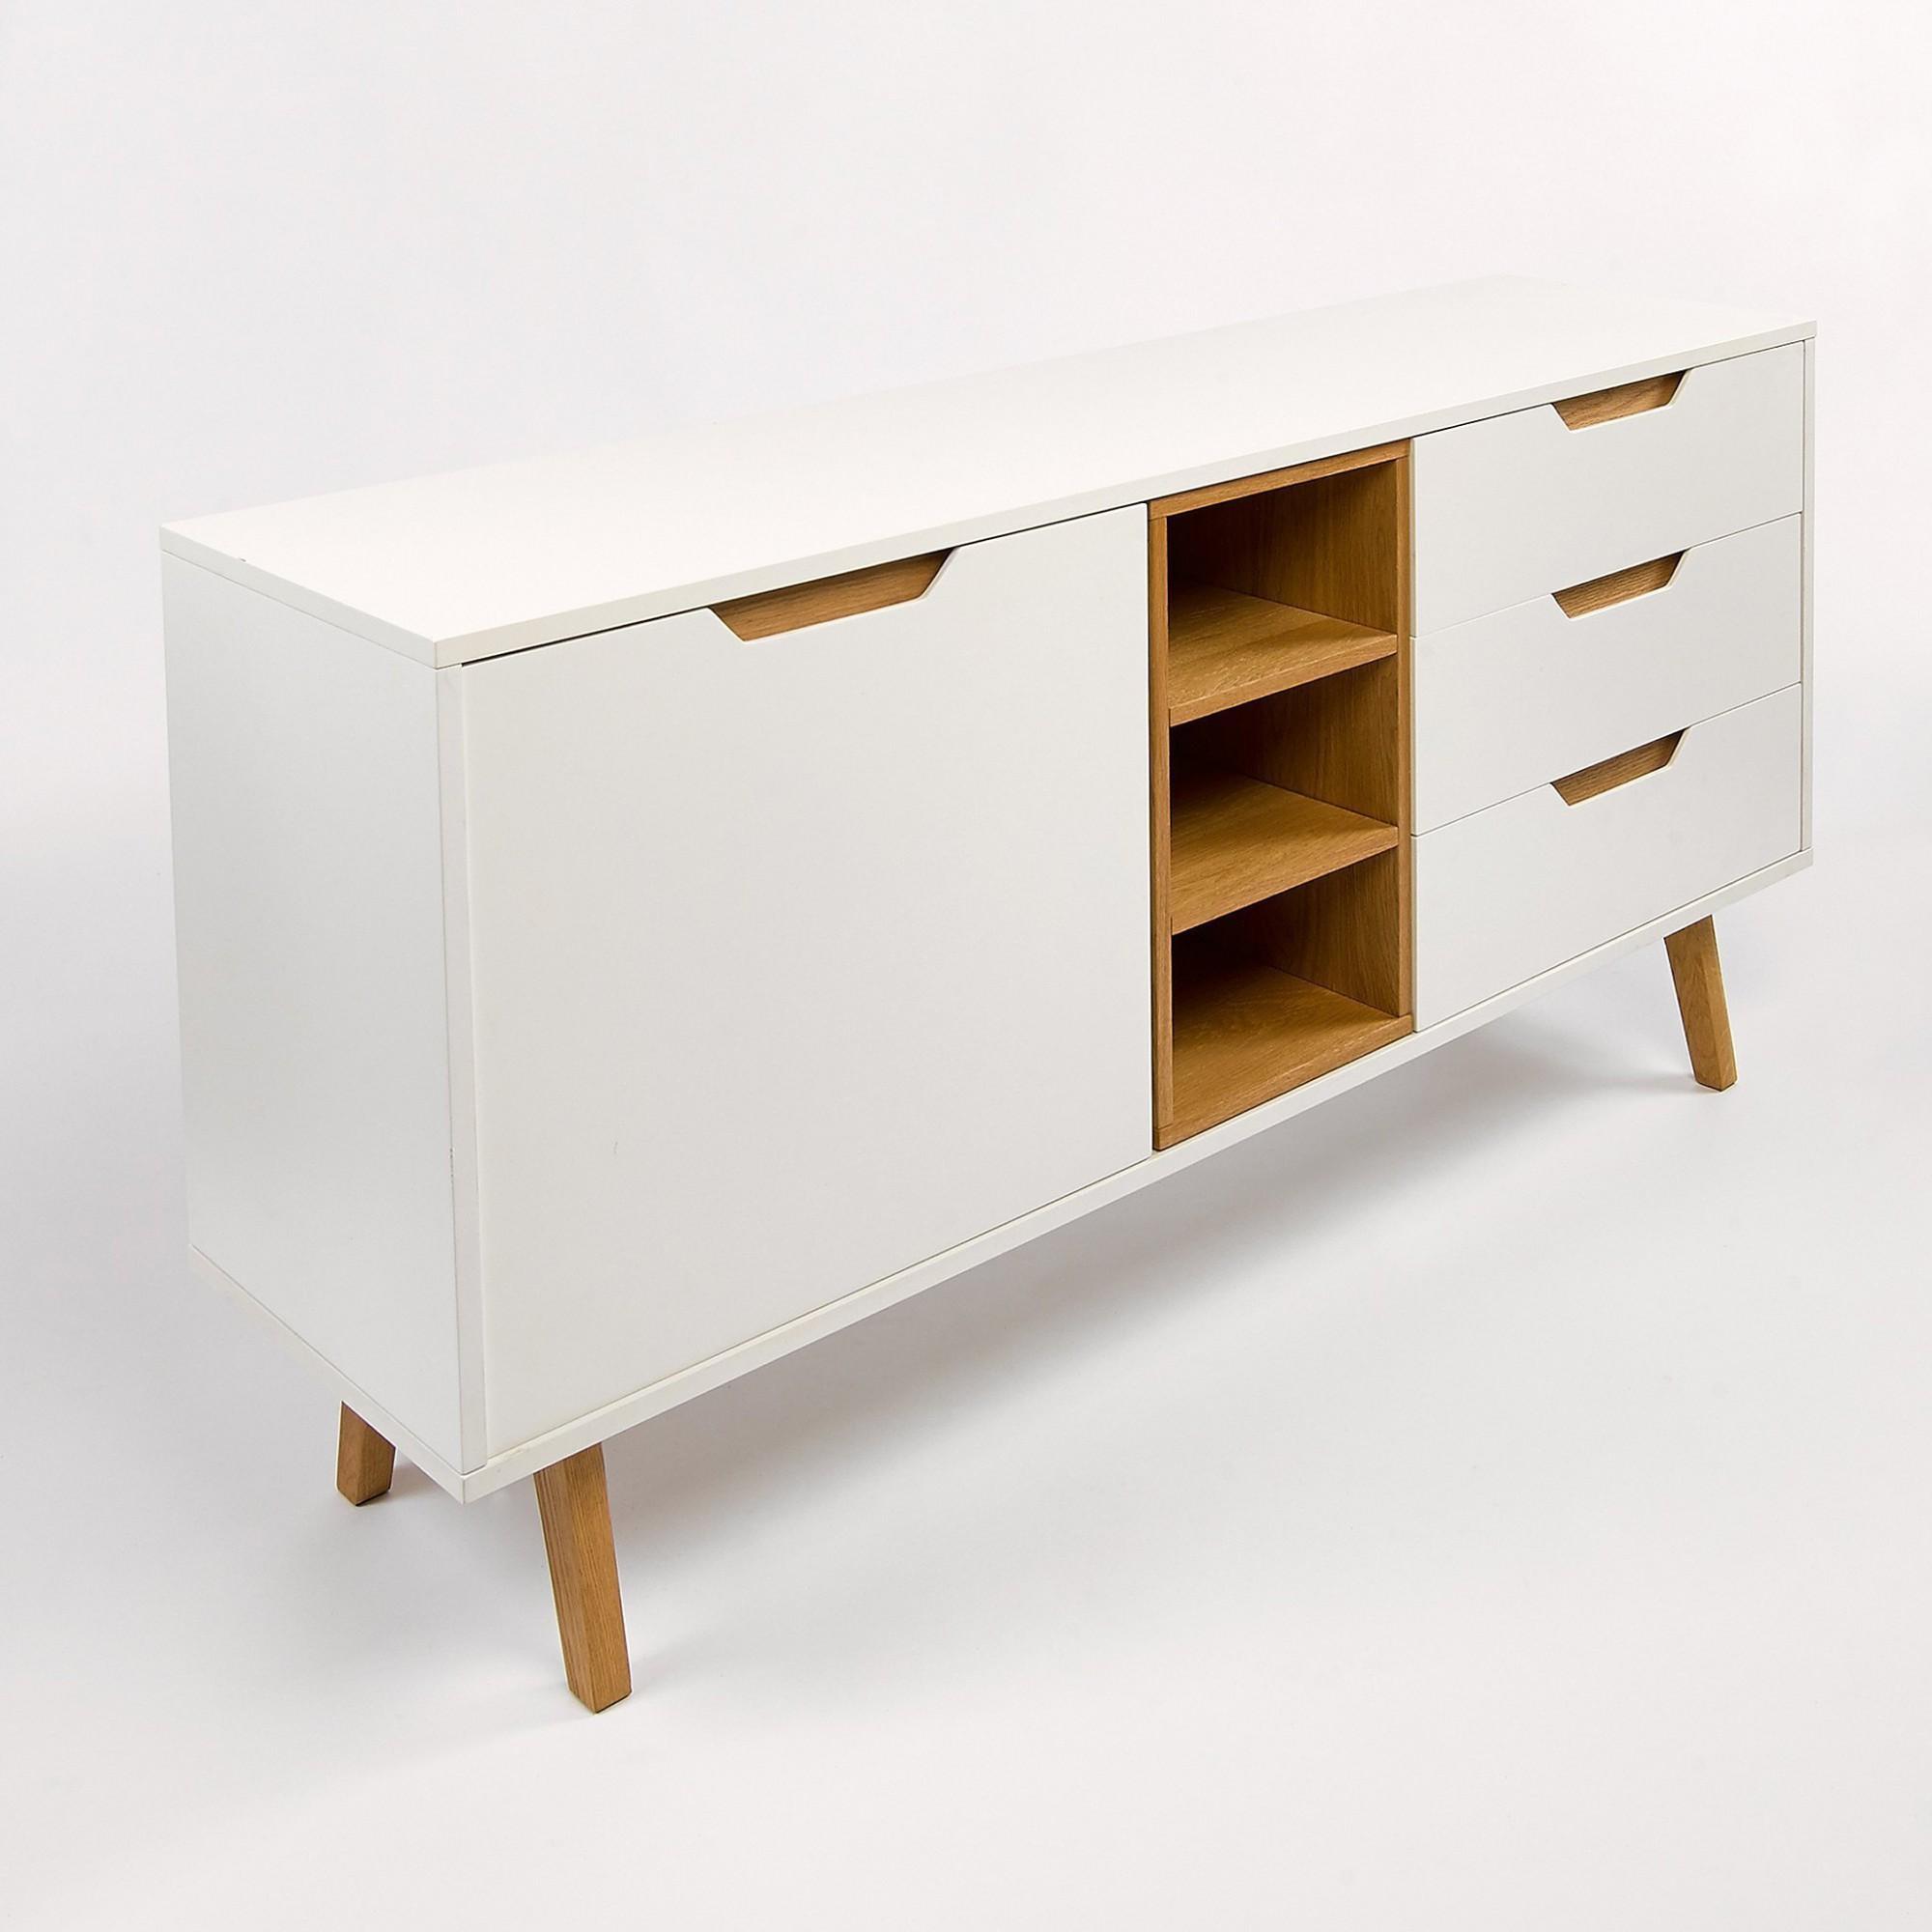 Afbeelding: Productfotografie, packshot fotografie Foto Van Huffel, fotografie meubel-kast © Simla.